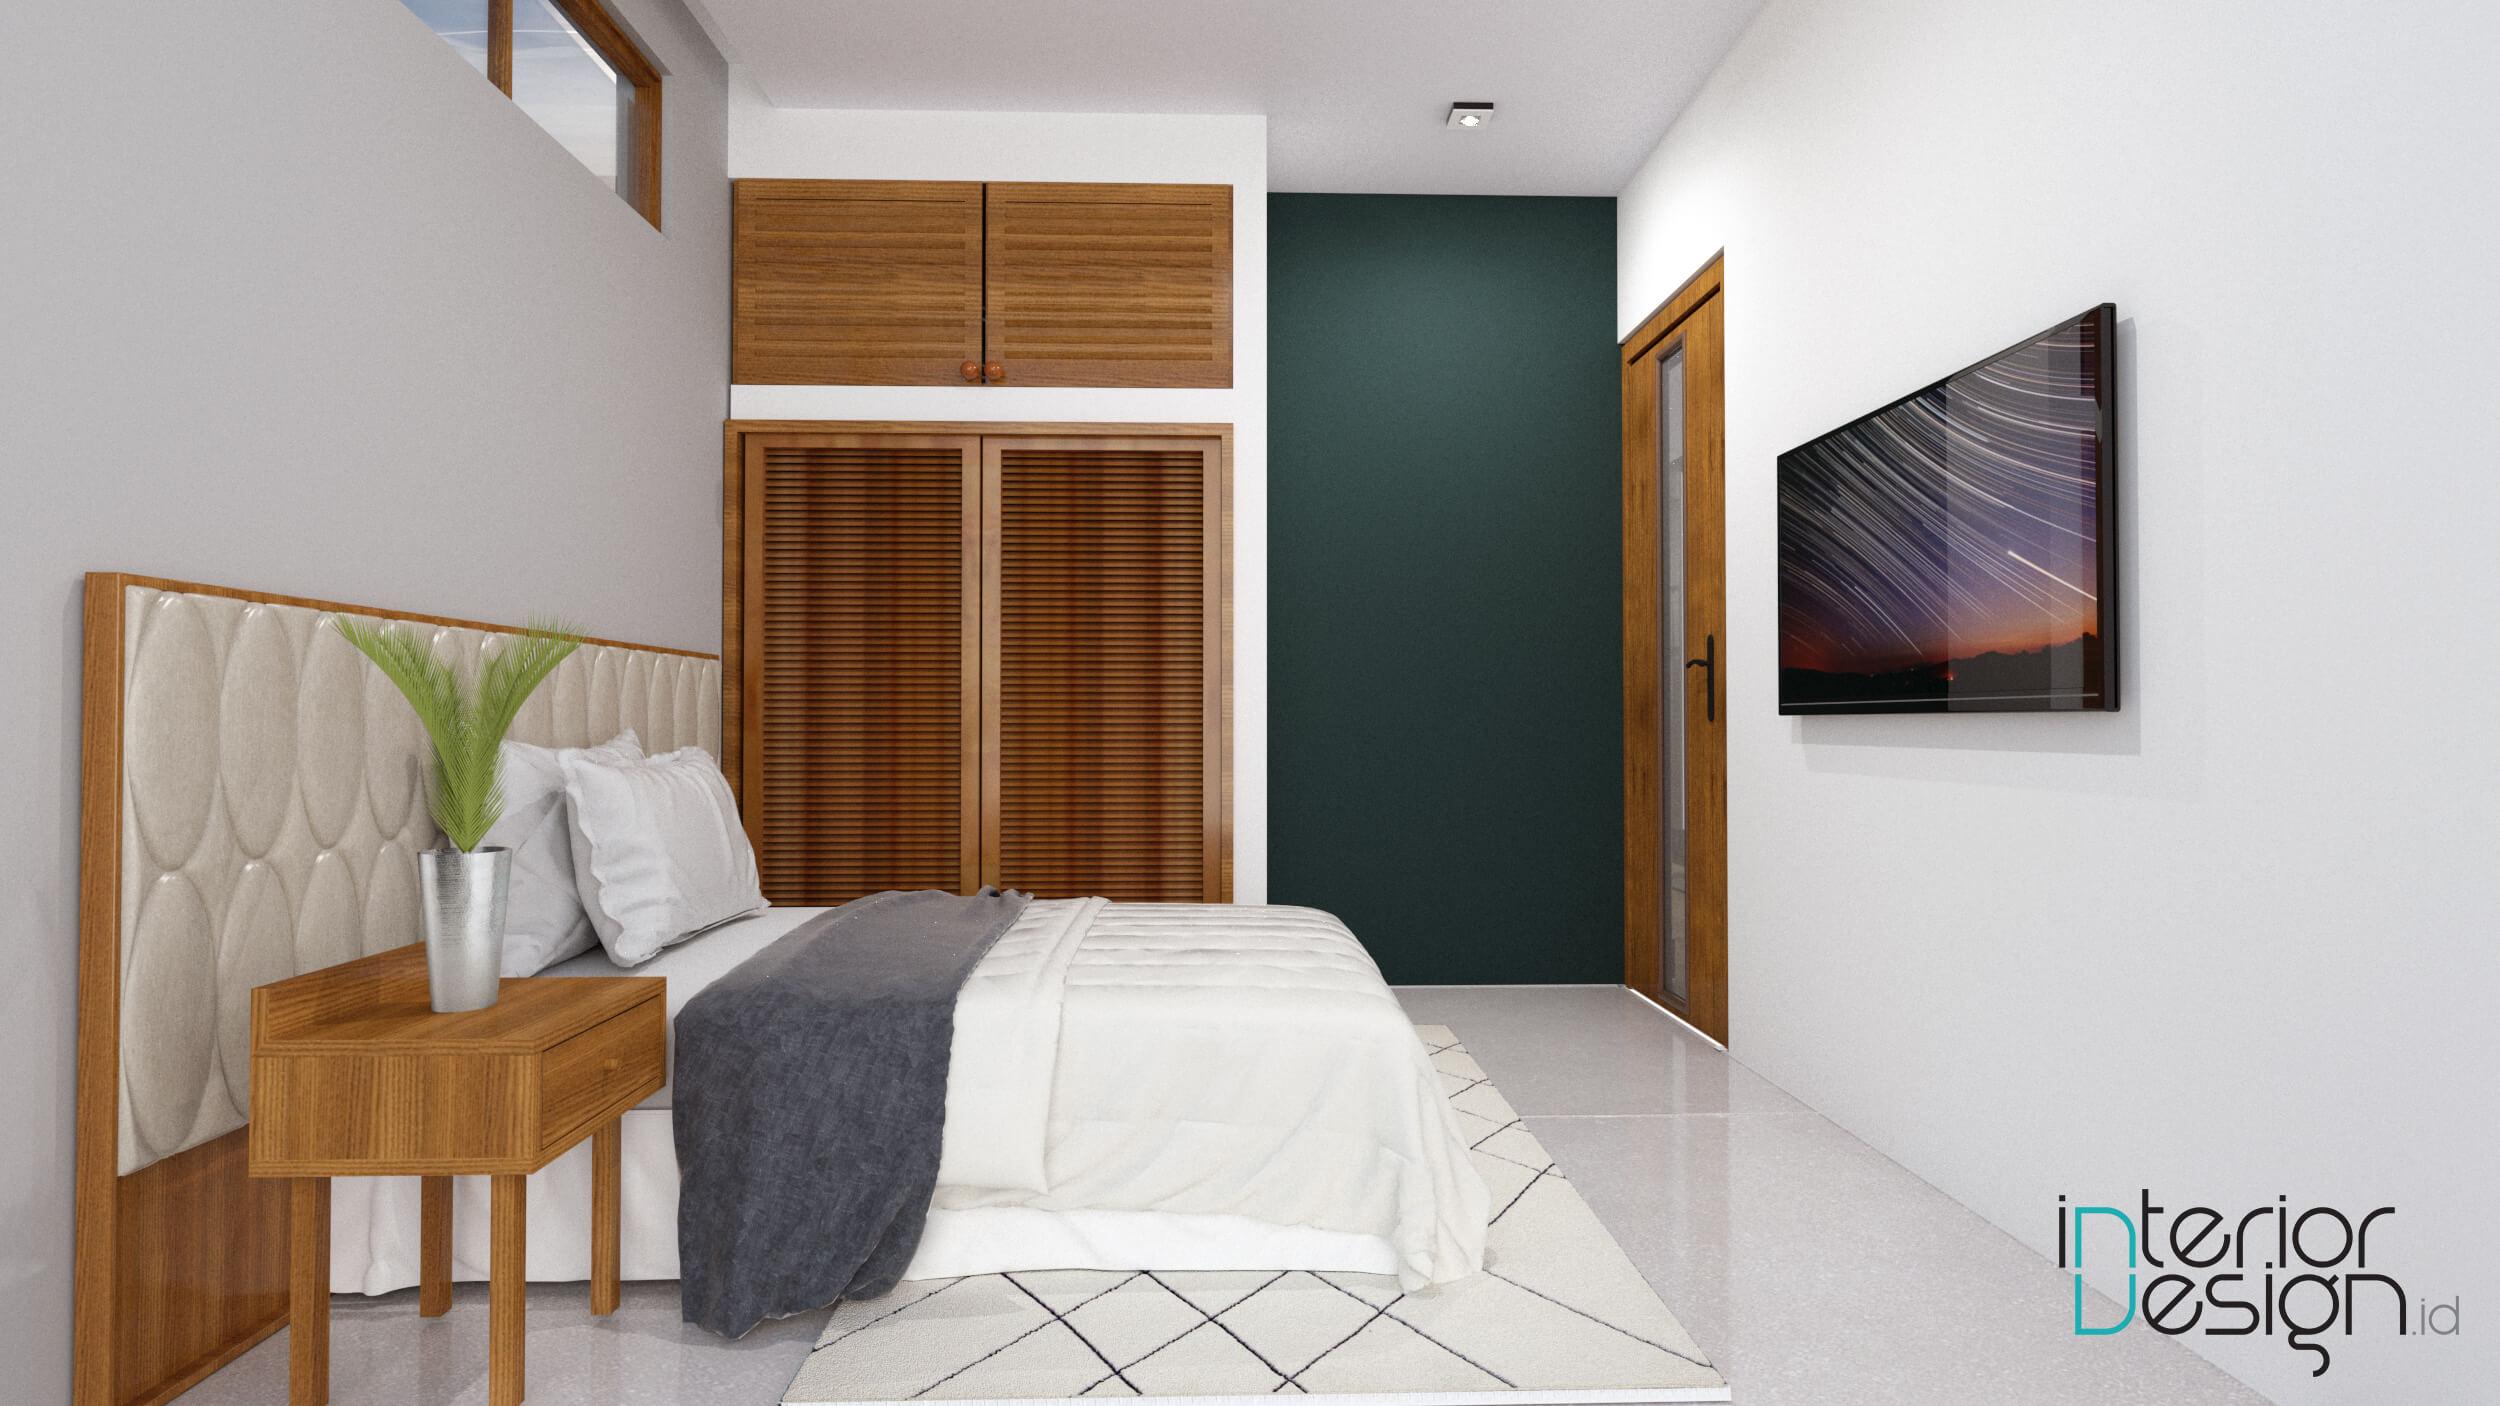 kamar tidur tamu - kuningan, jawa barat | interiordesign.id